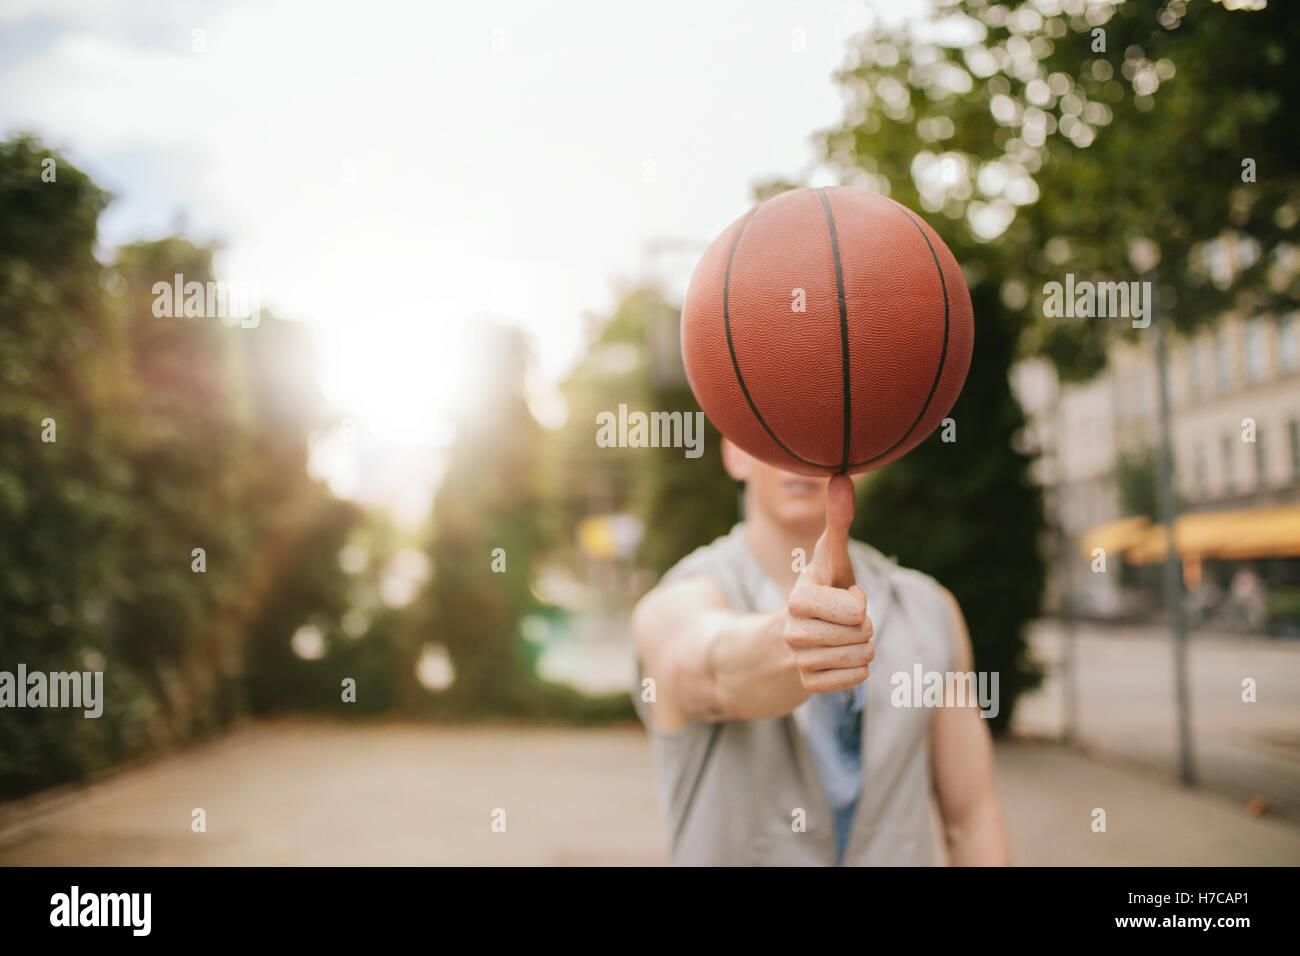 Mann Ausgleich Basketball auf seinem Daumen auf Freiplatz. Streetball Spieler den Ball drehen. Basketball im Vordergrund. Stockbild